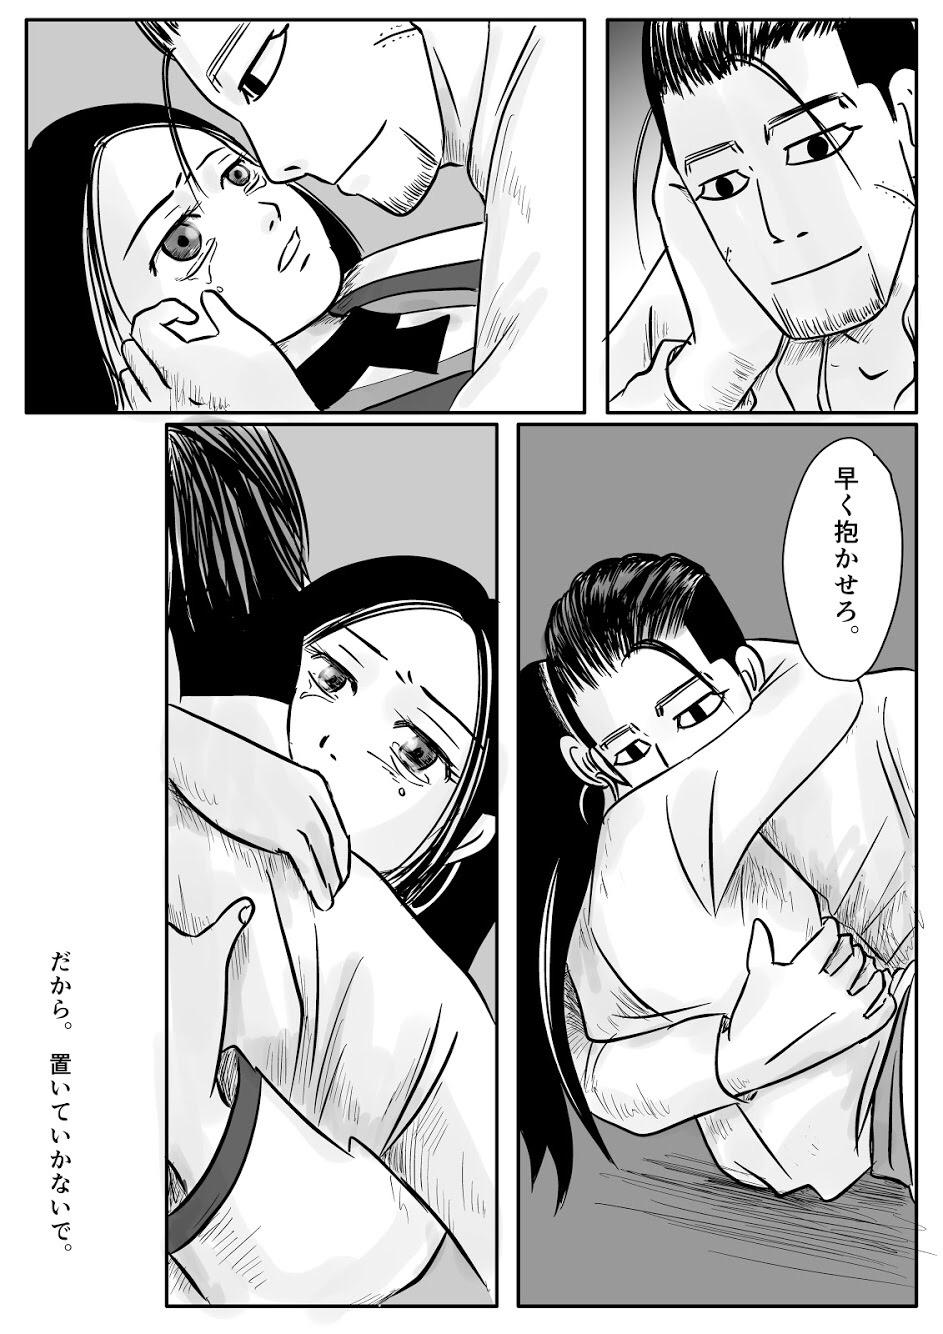 Toko no Koto 15